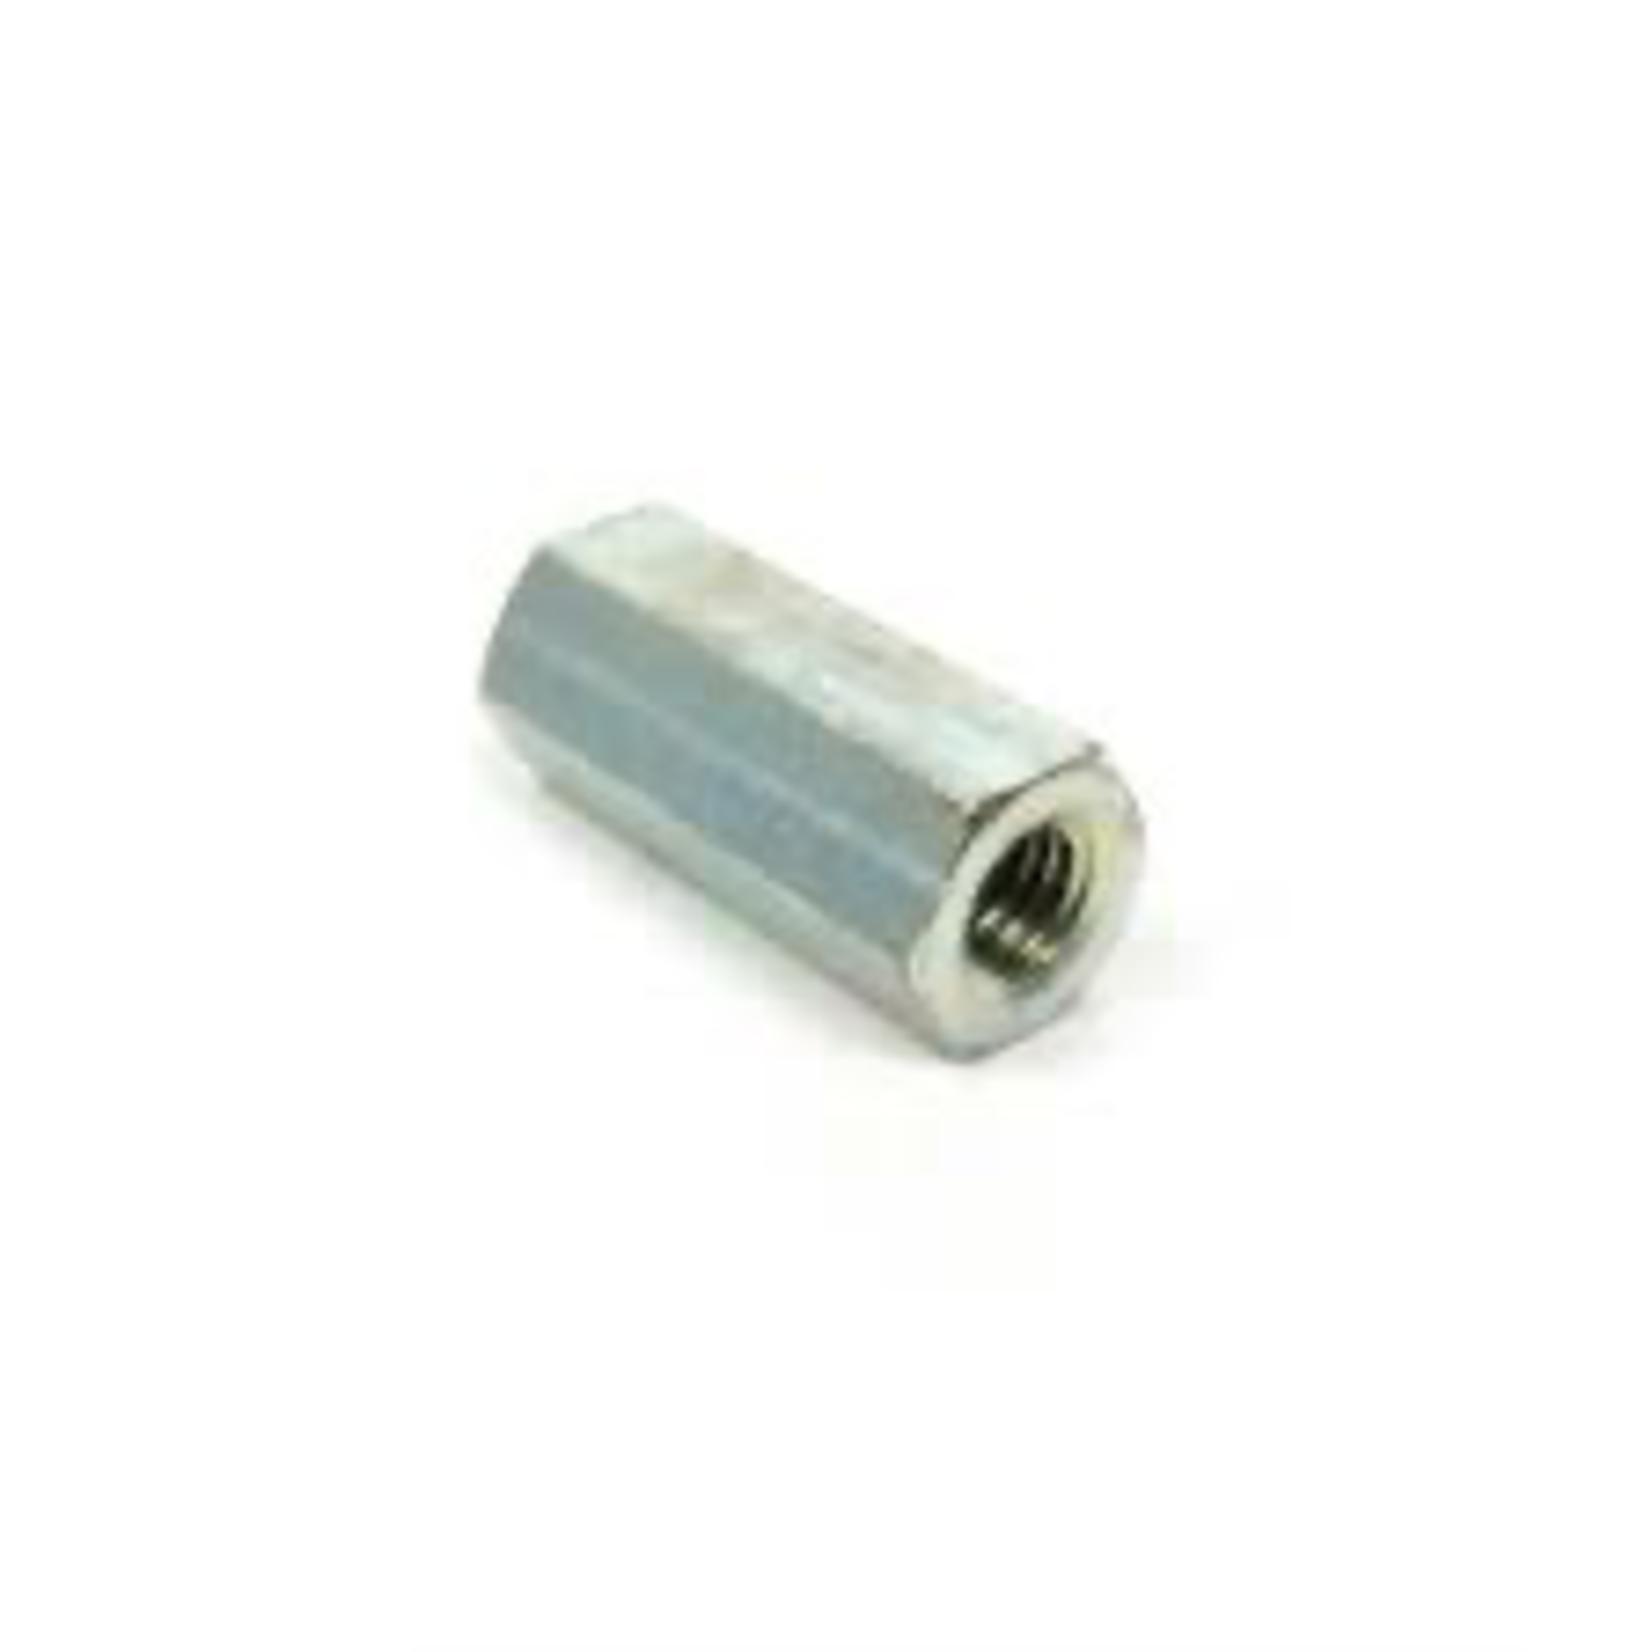 Parts Exhaust Nut, 50cc